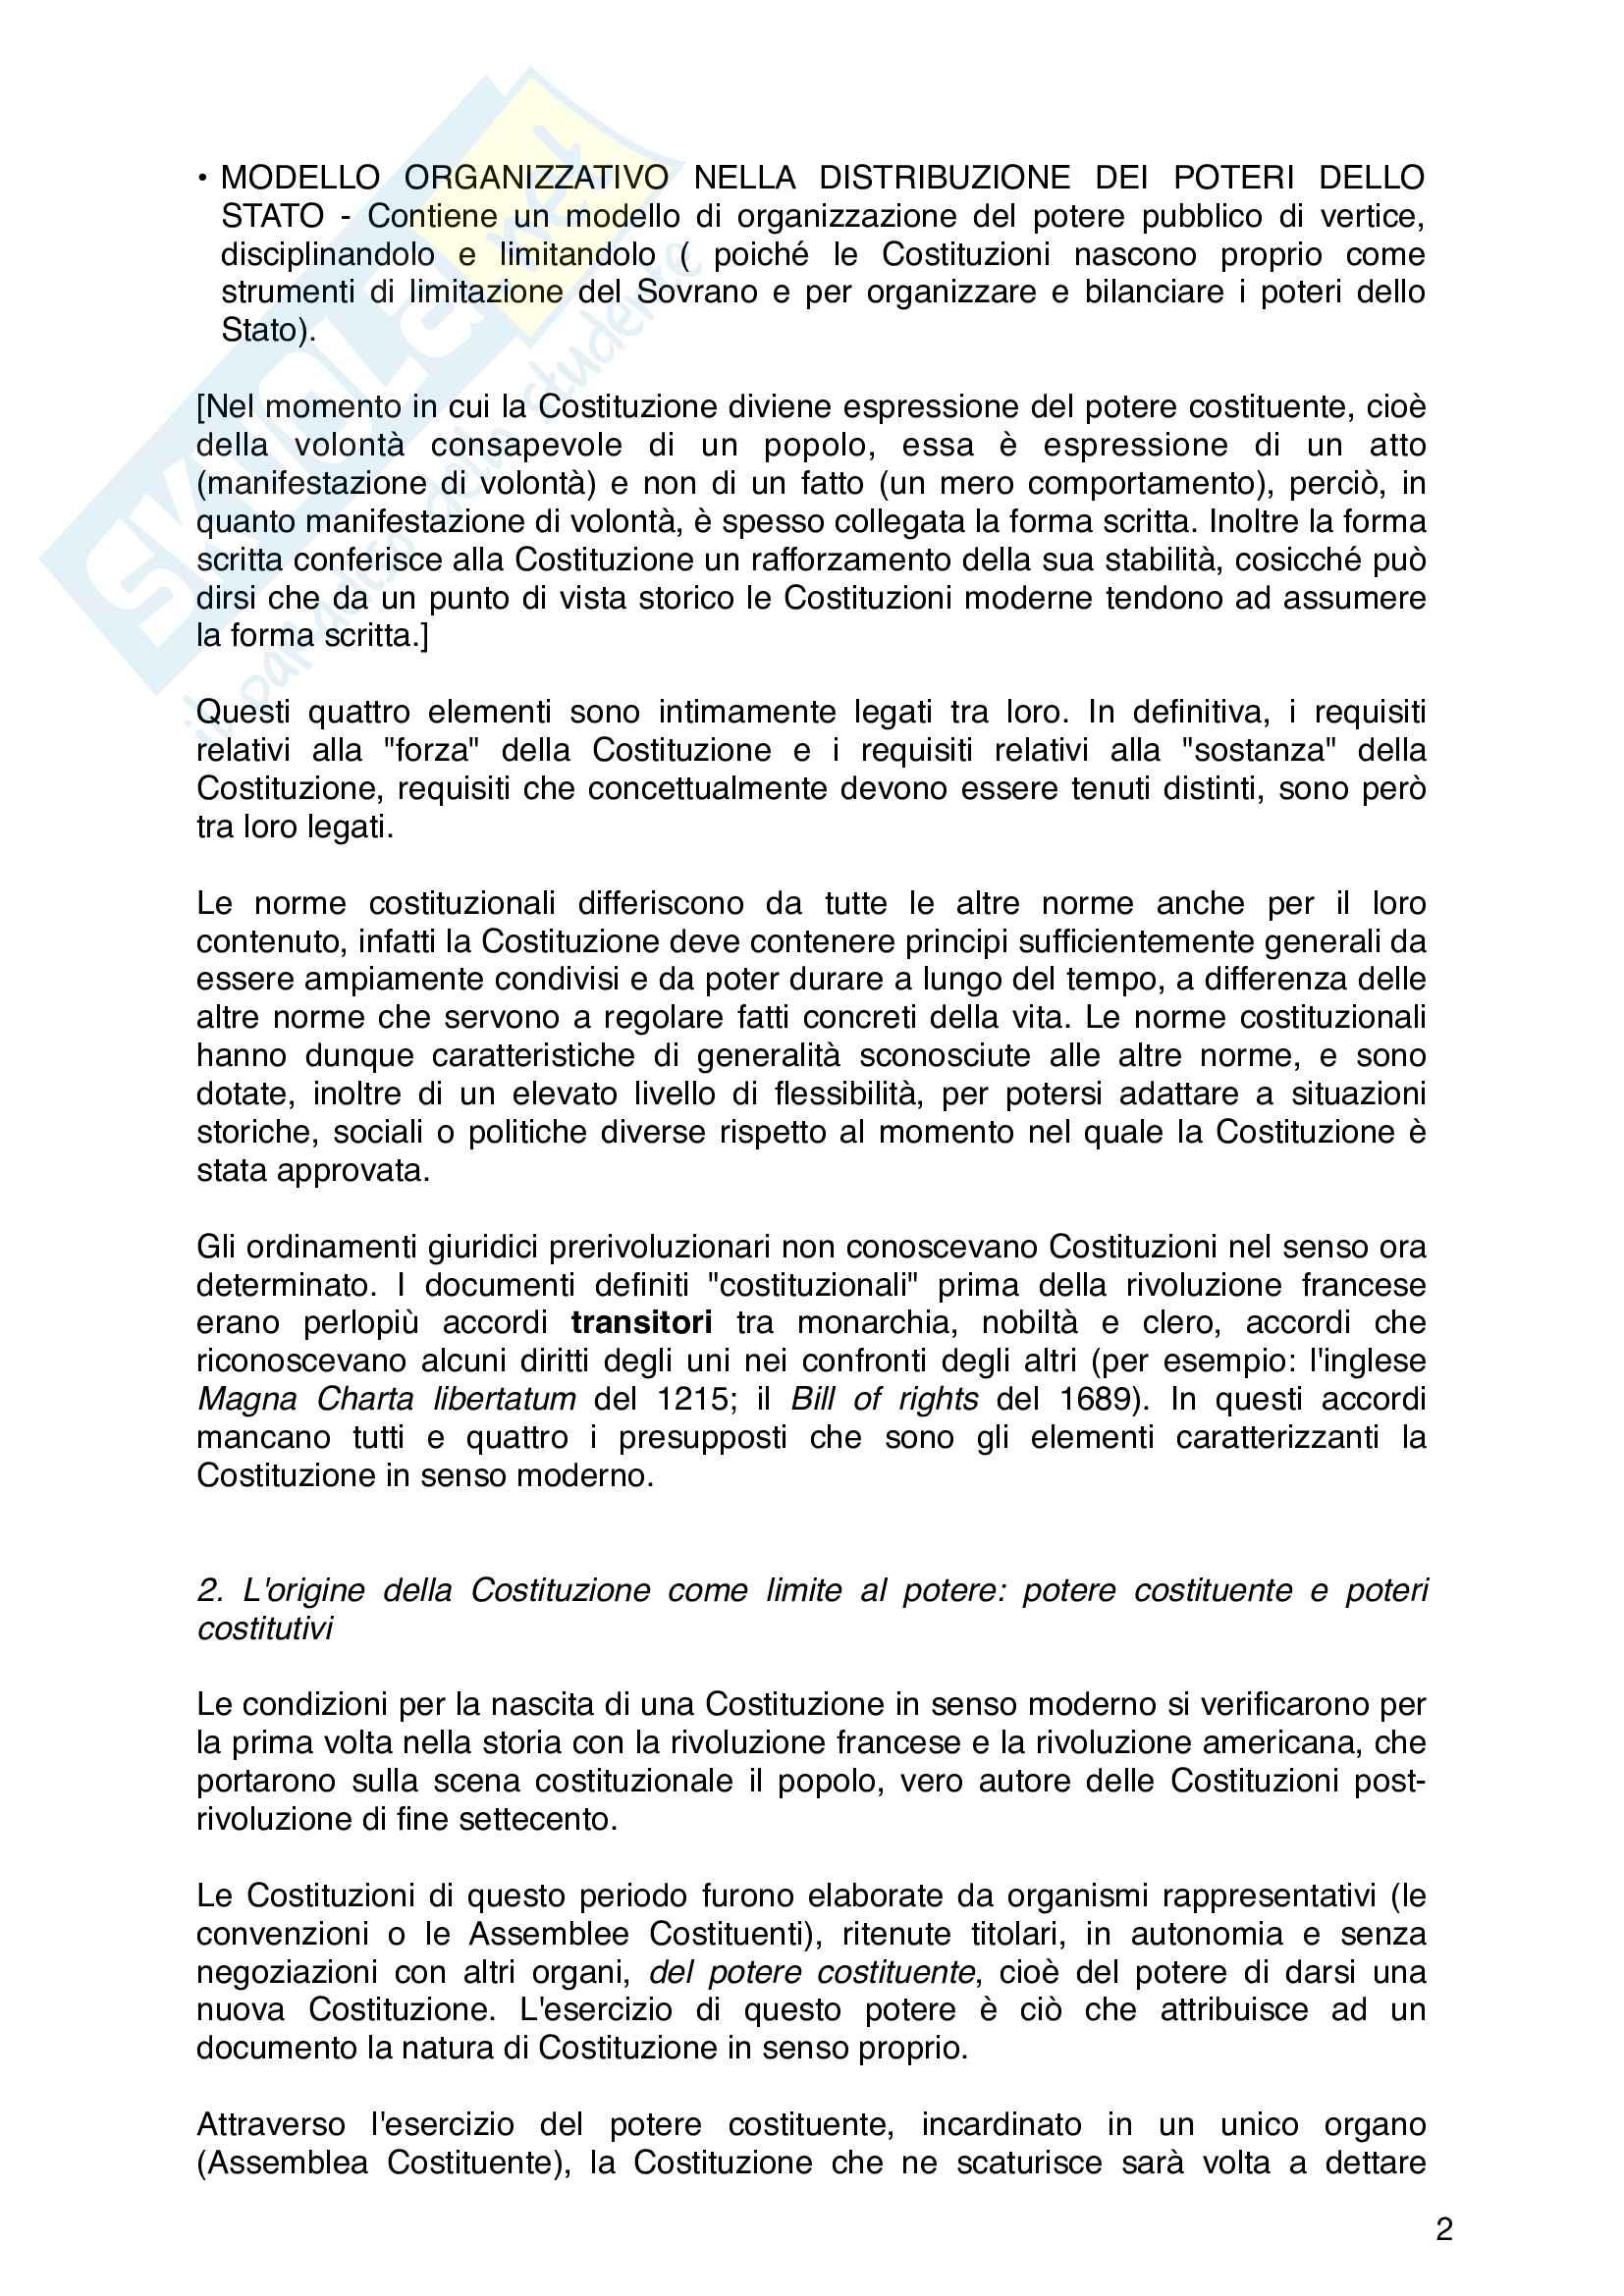 Riassunto esame di Diritto Costituzionale, libro di riferimento : Diritto costituzionale, Pisaneschi Pag. 2